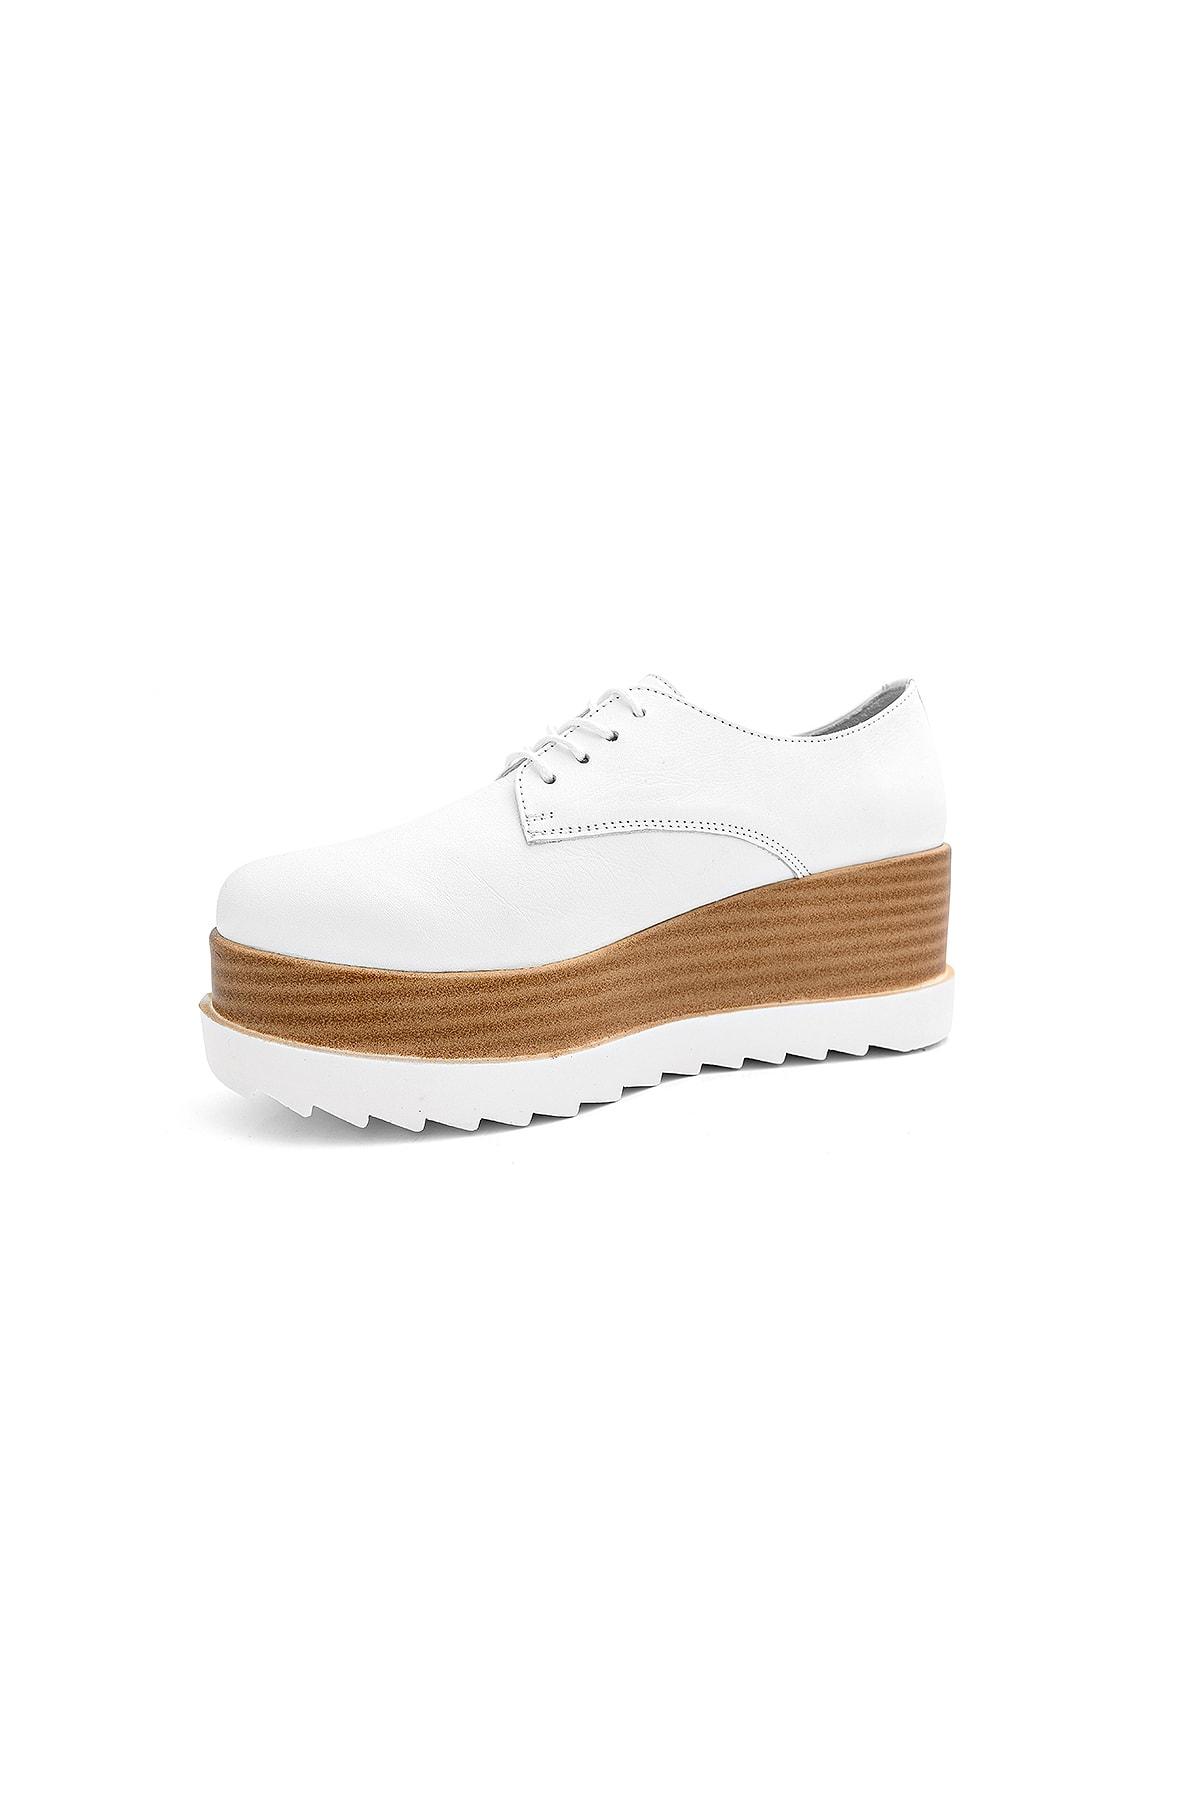 SNIPE Kadın Caliente Sneaker 2